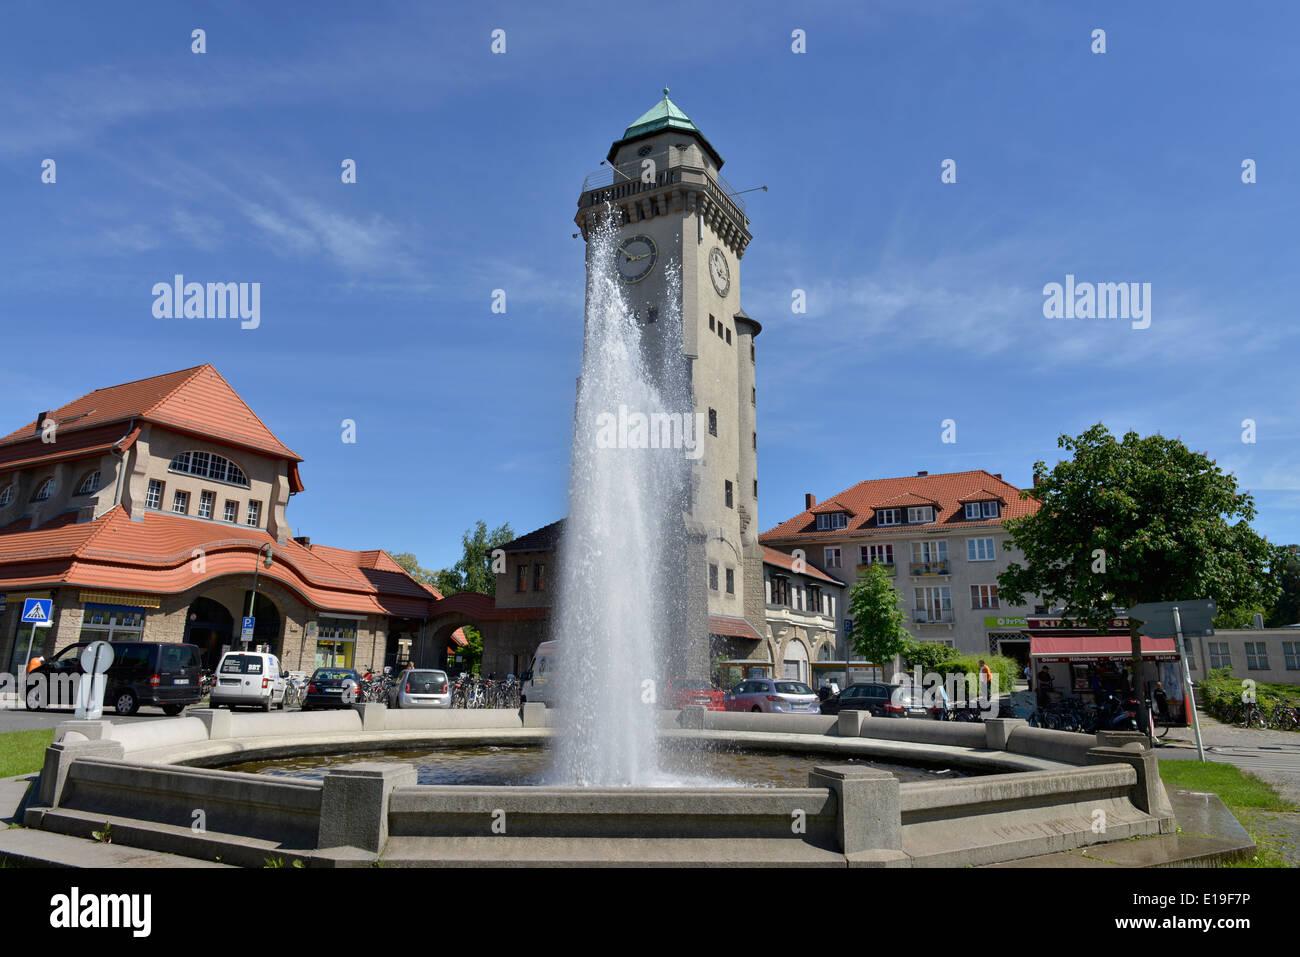 Brunnen, Casinoturm, Ludolfingerplatz, Frohnau, Berlin, Deutschland Stockbild